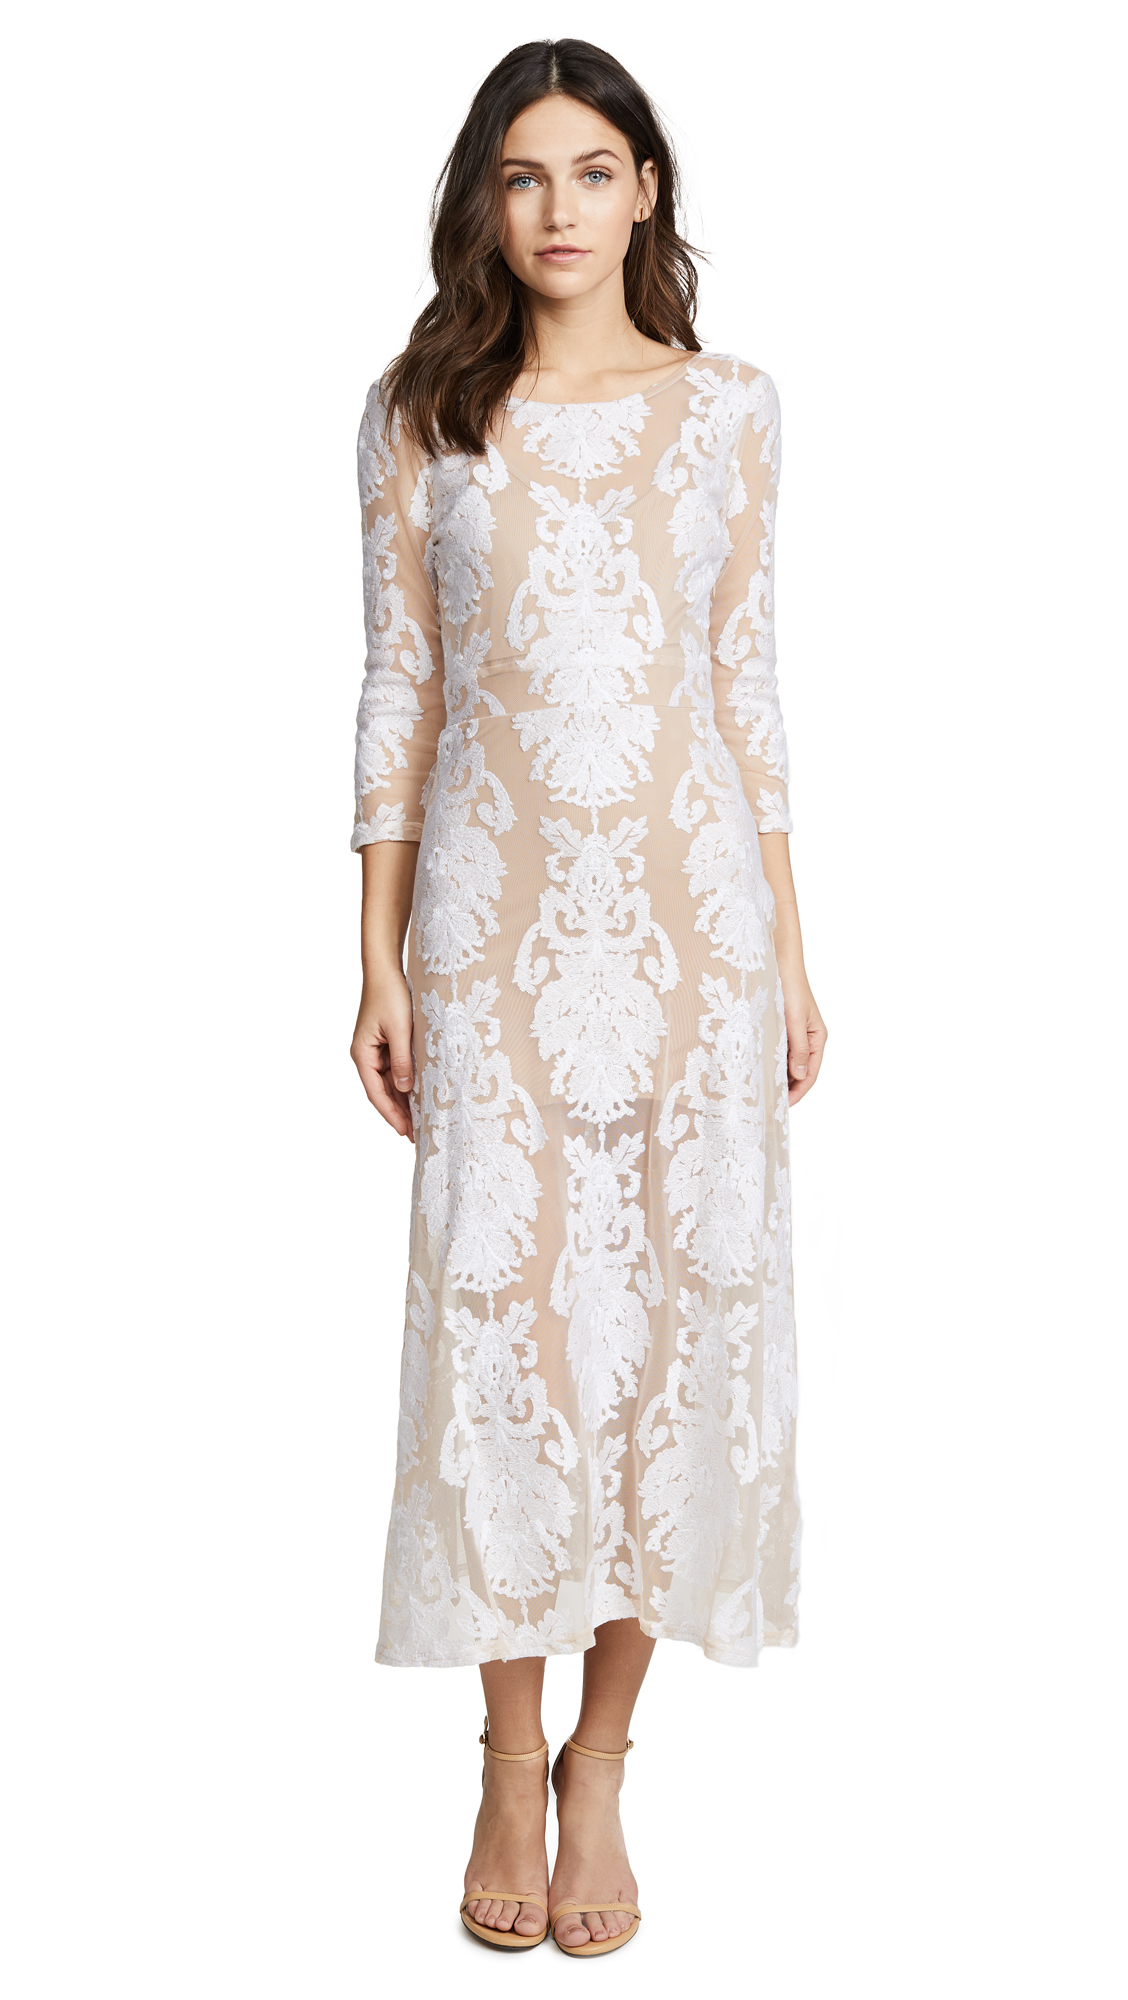 For Love & Lemons San Marcos Dress - White